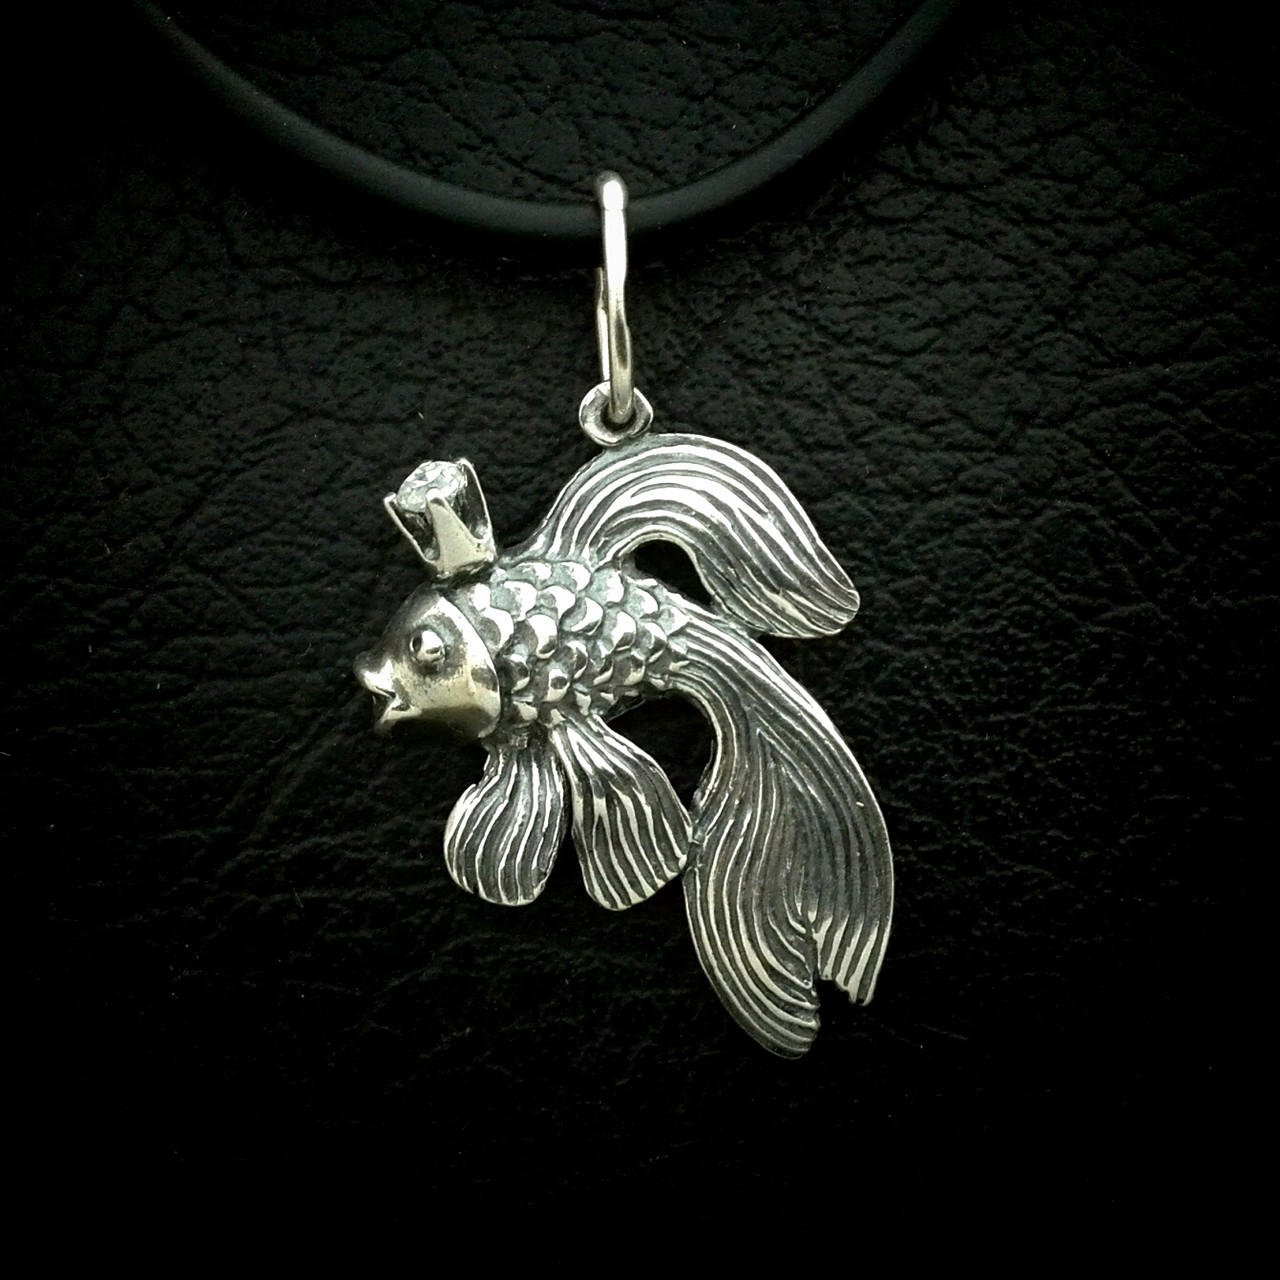 Серебряная подвеска Золотая рыбка